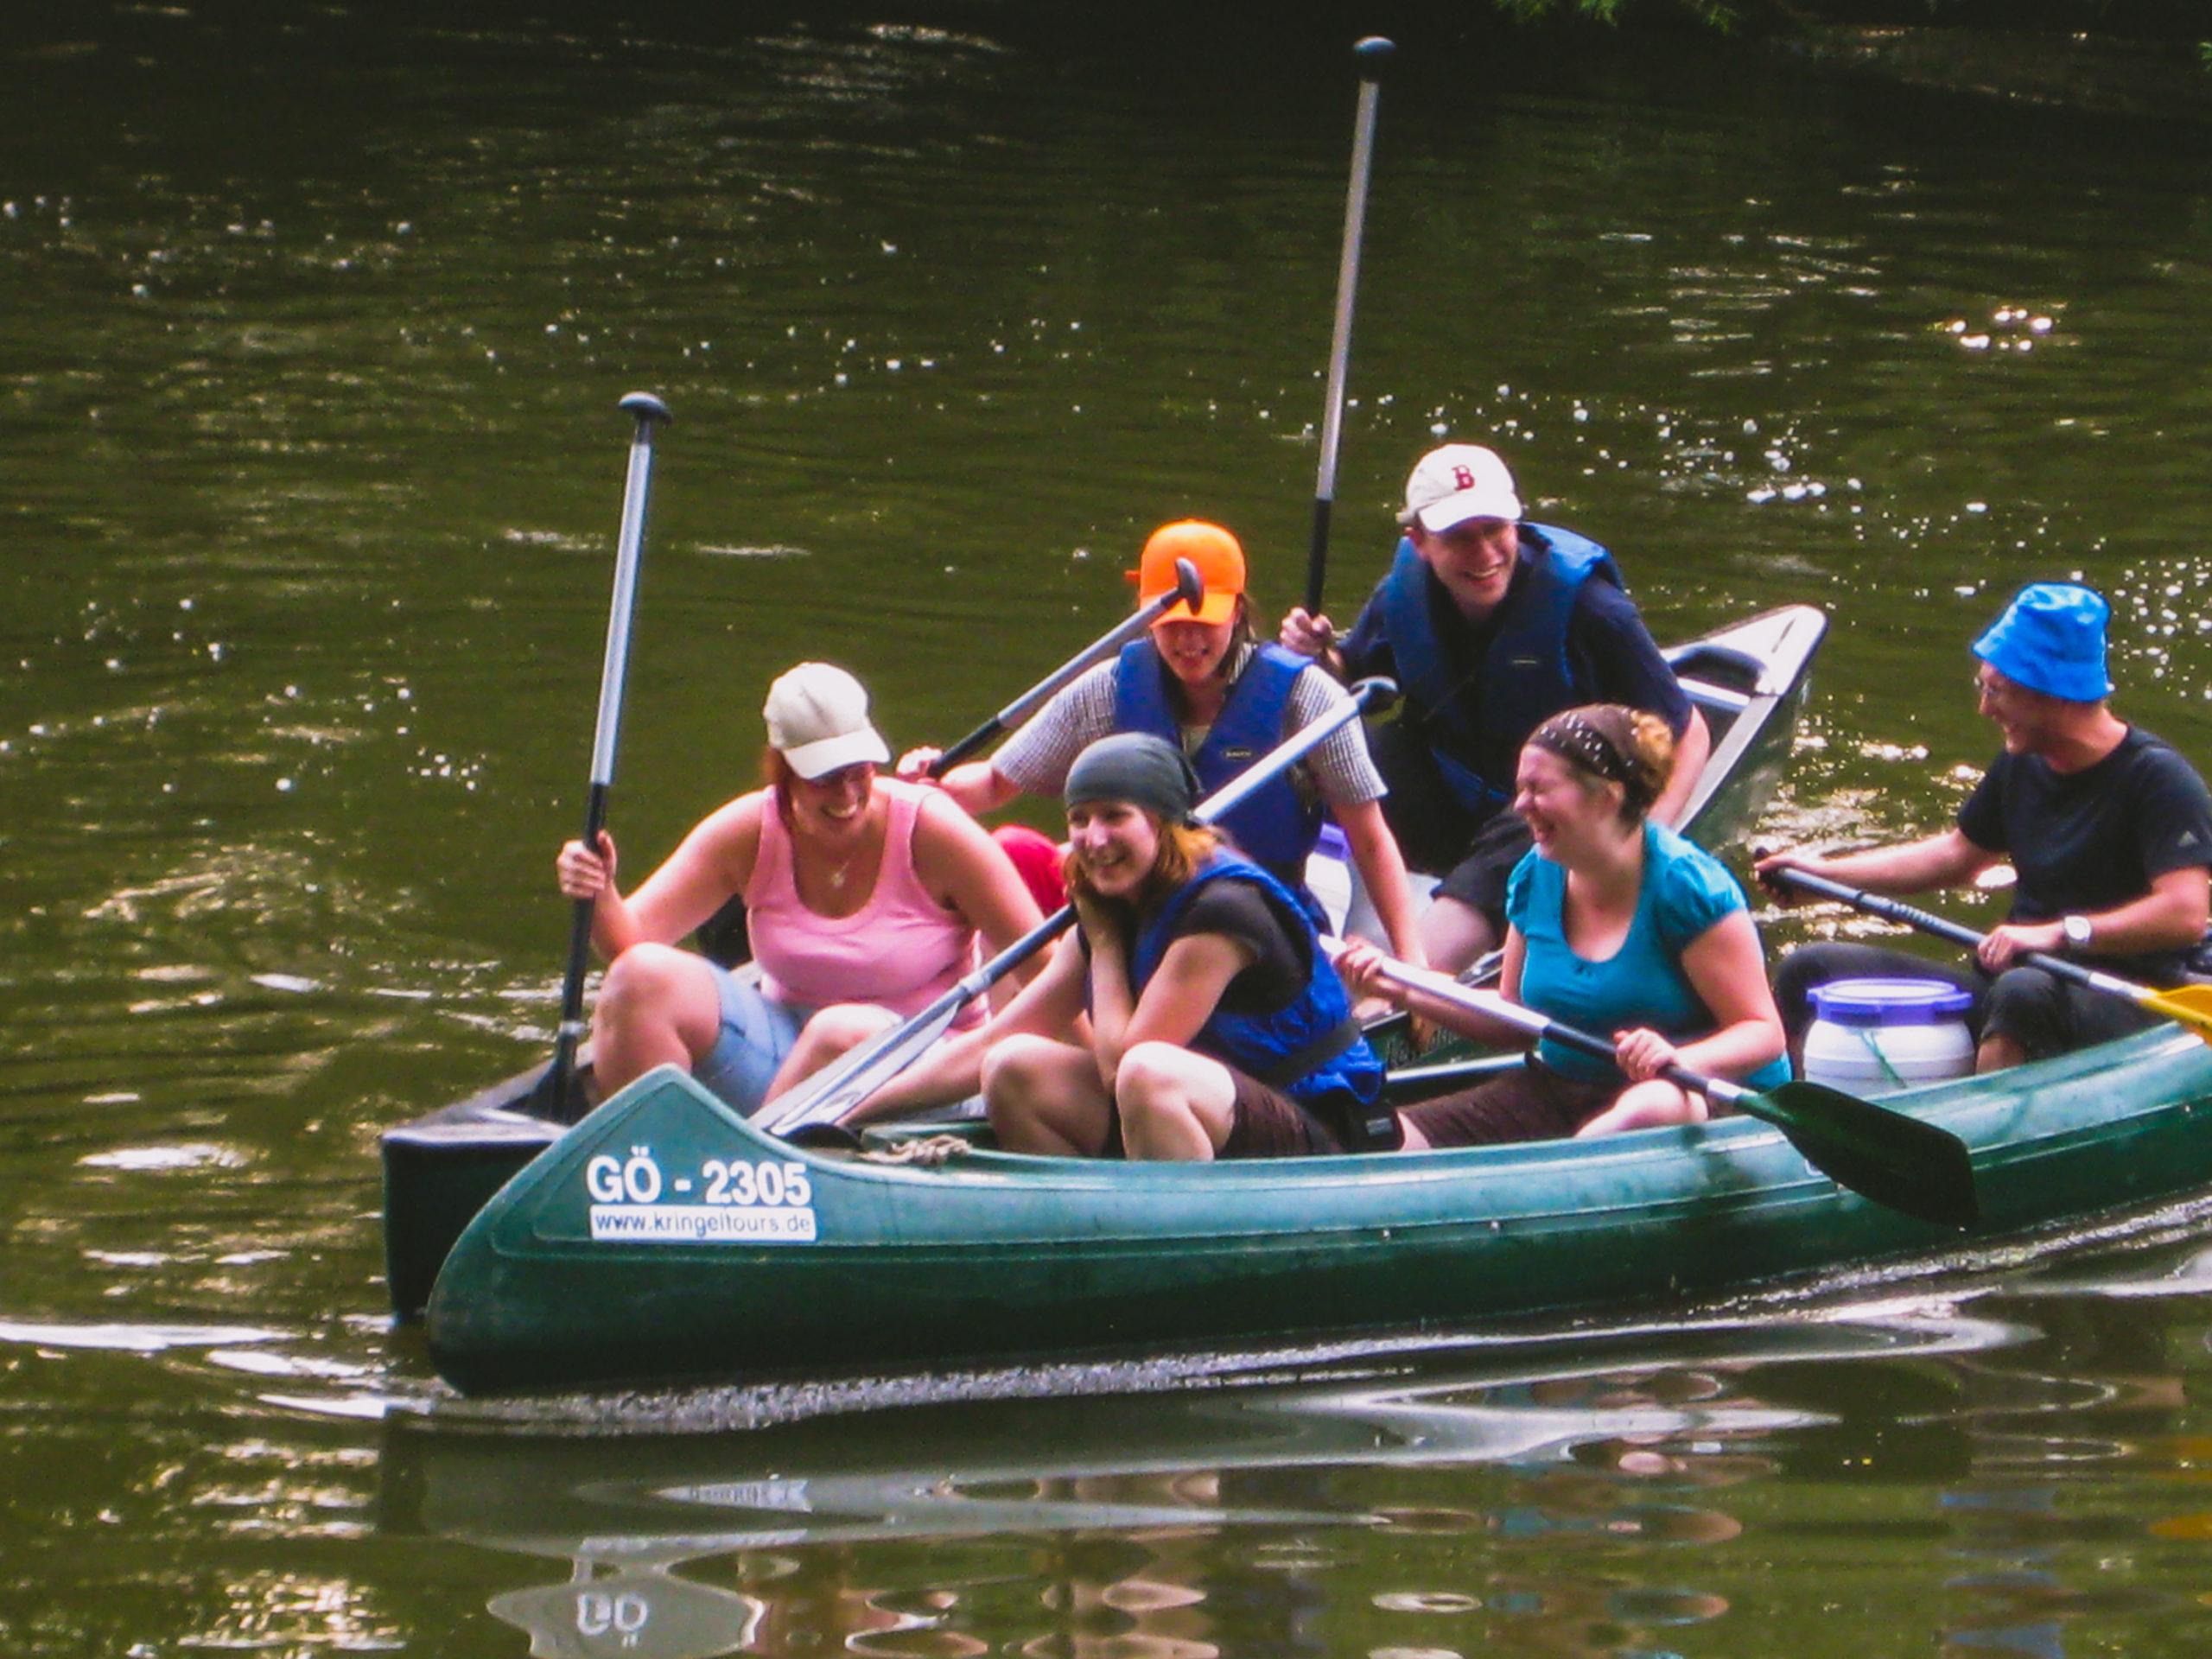 Gruppentouren/Aktivwochenende mit Kanu- oder Schlauchboot- Tour, Übernachtung und Versorgung